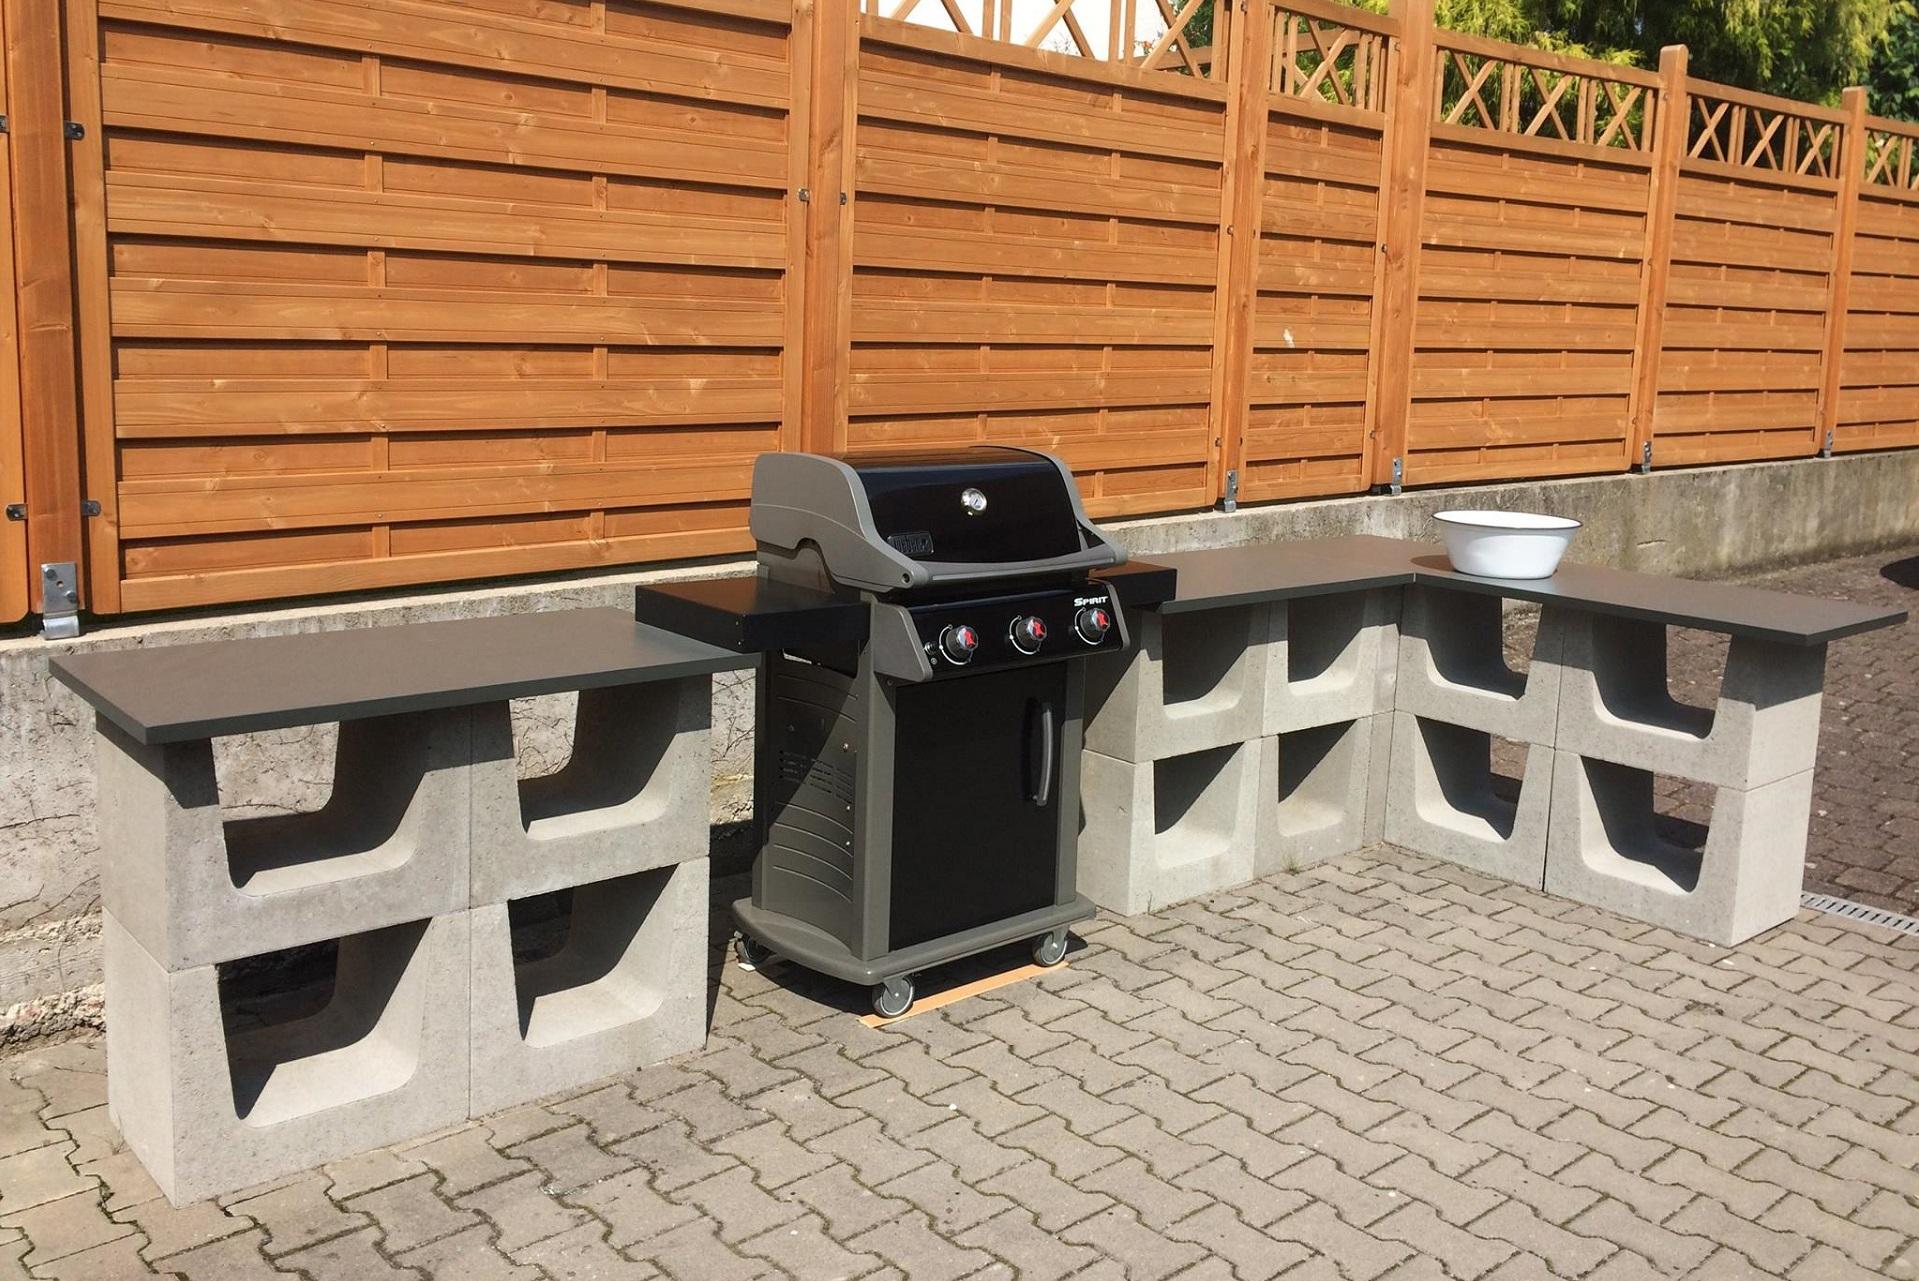 Outdoorküche Mit Spüle Xxl : Outdoorküche mit spüle xxl küche spritzschutz spüle spritzschutz